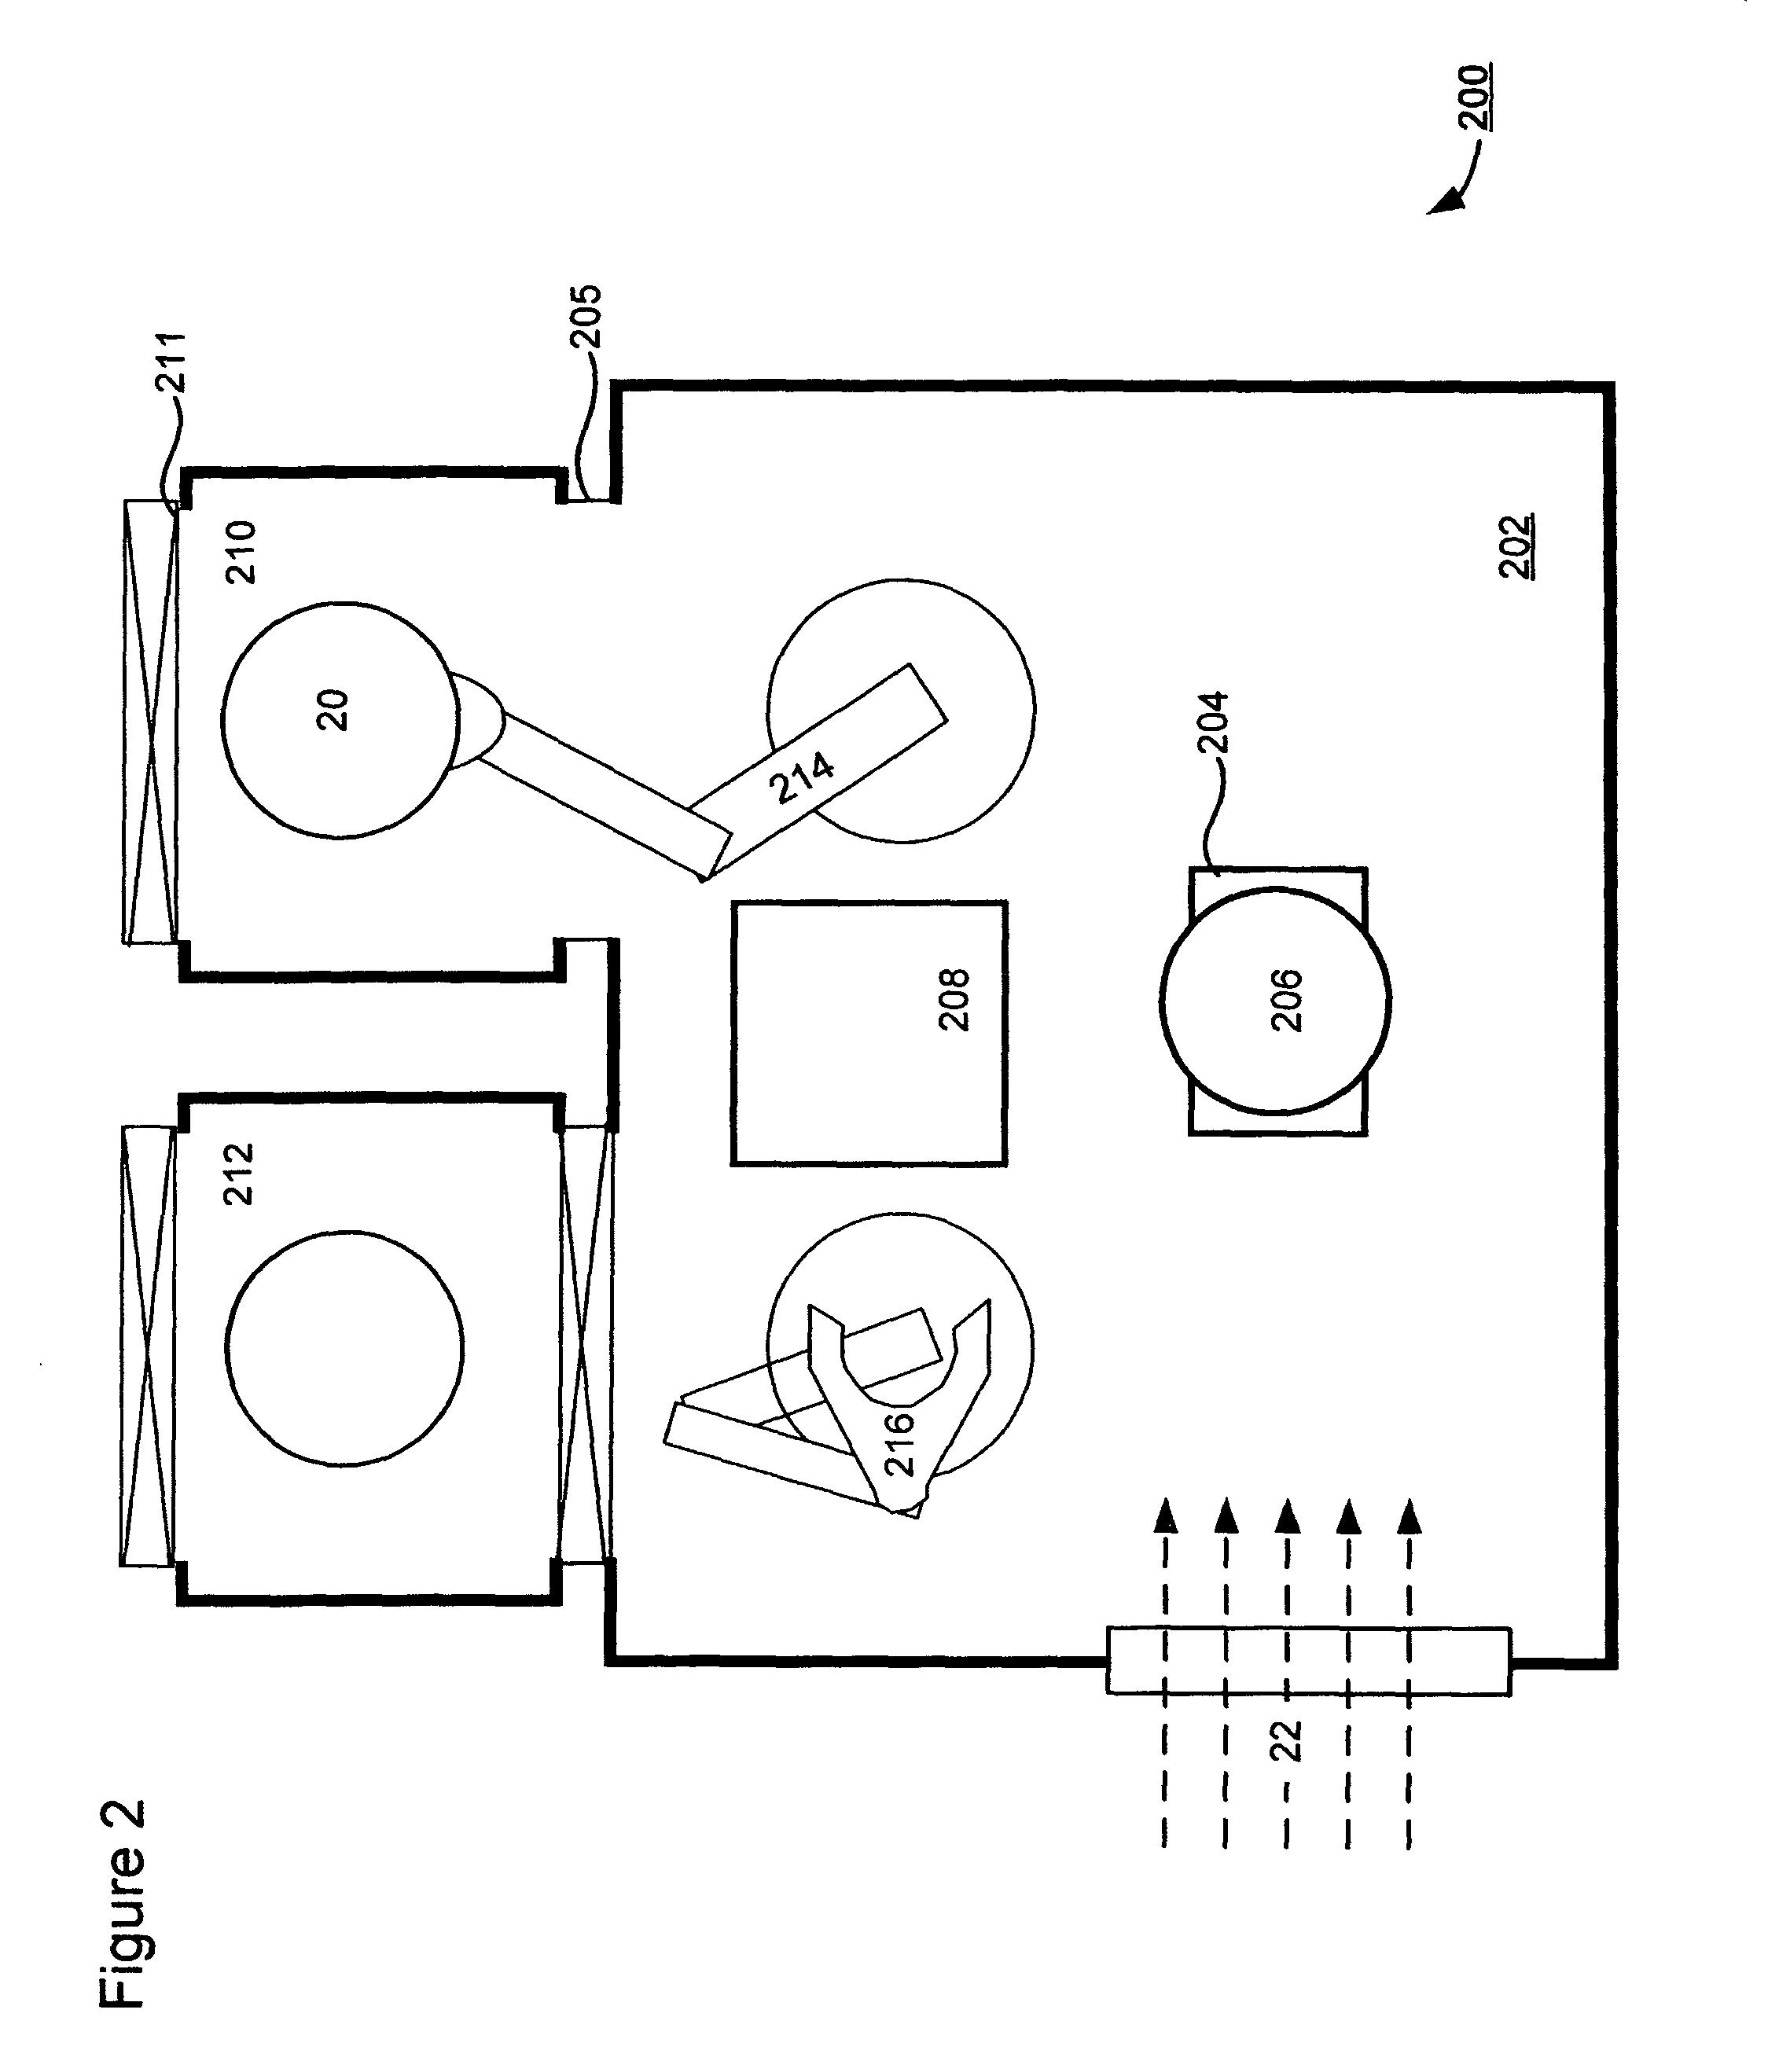 patent us7935942